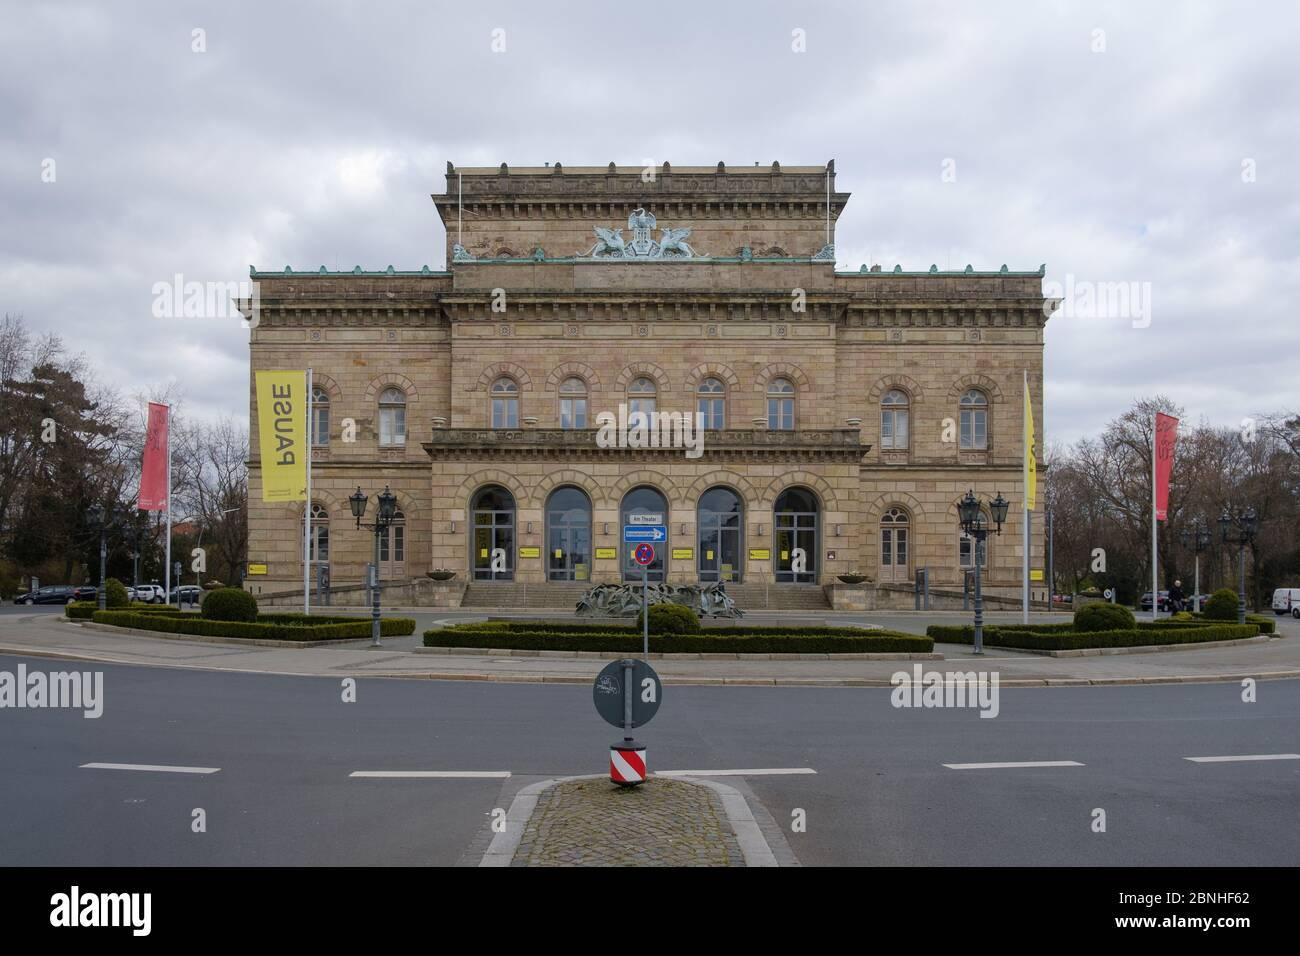 Brunswick, Alemania. 1 de abril de 2020. 'Pausa' está escrito en una bandera frente al Teatro Estatal Braunschweig. Para frenar la propagación del coronavirus, el gobierno federal ha restringido considerablemente la vida pública. Crédito: OLE Spata/dpa/Alamy Live News Foto de stock